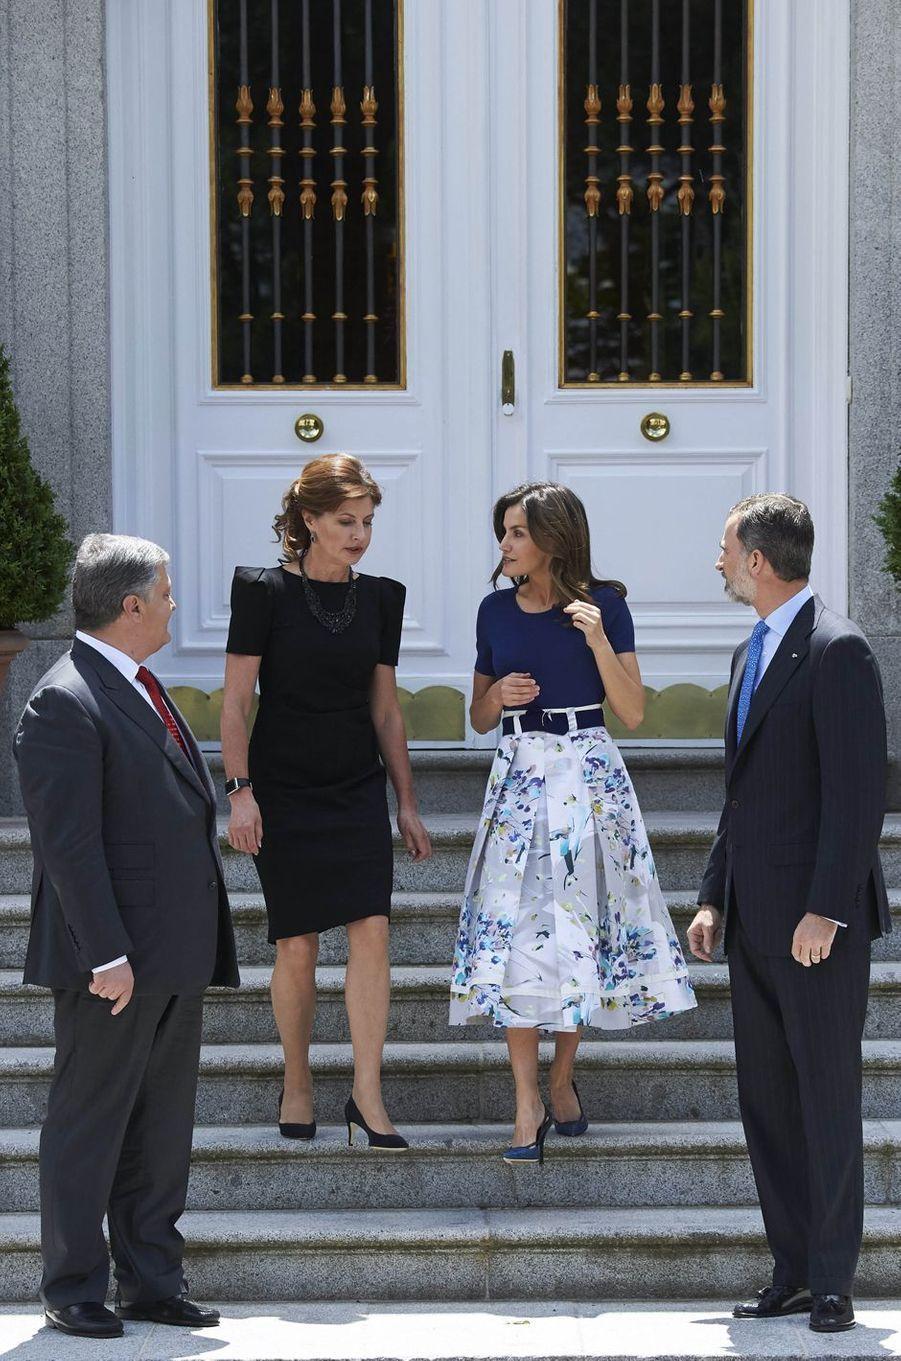 La reine Letizia et le roi Felipe VI d'Espagne avec le président ukrainien et sa femme à Madrid, le 4 juin 2018